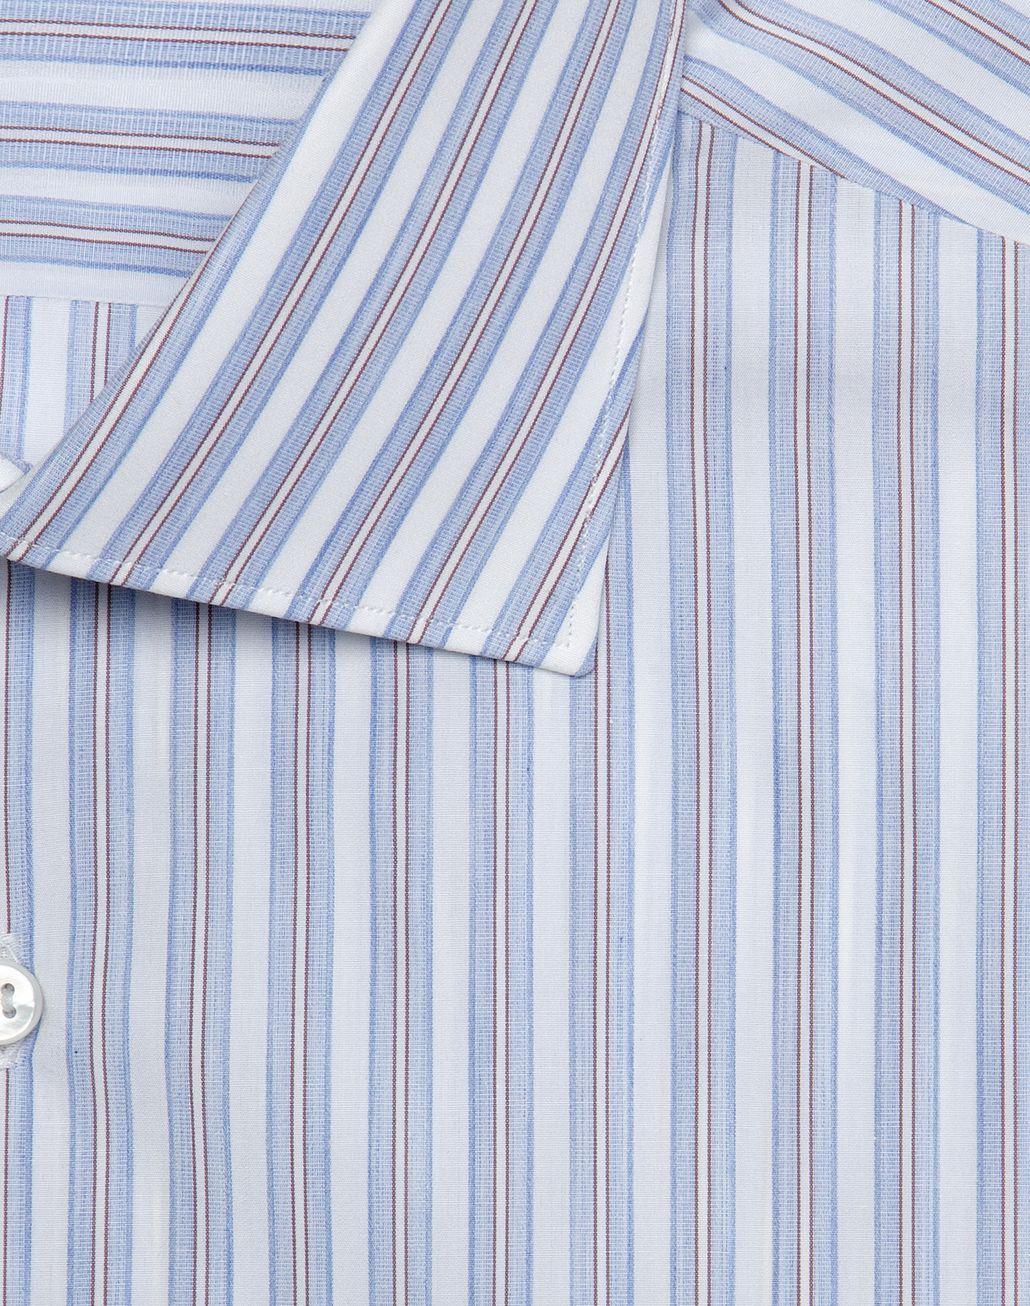 BRIONI Рубашка в полоску в цветовом сочетании: цвет виски, светло-голубой и белый Классическая рубашка Для Мужчин r